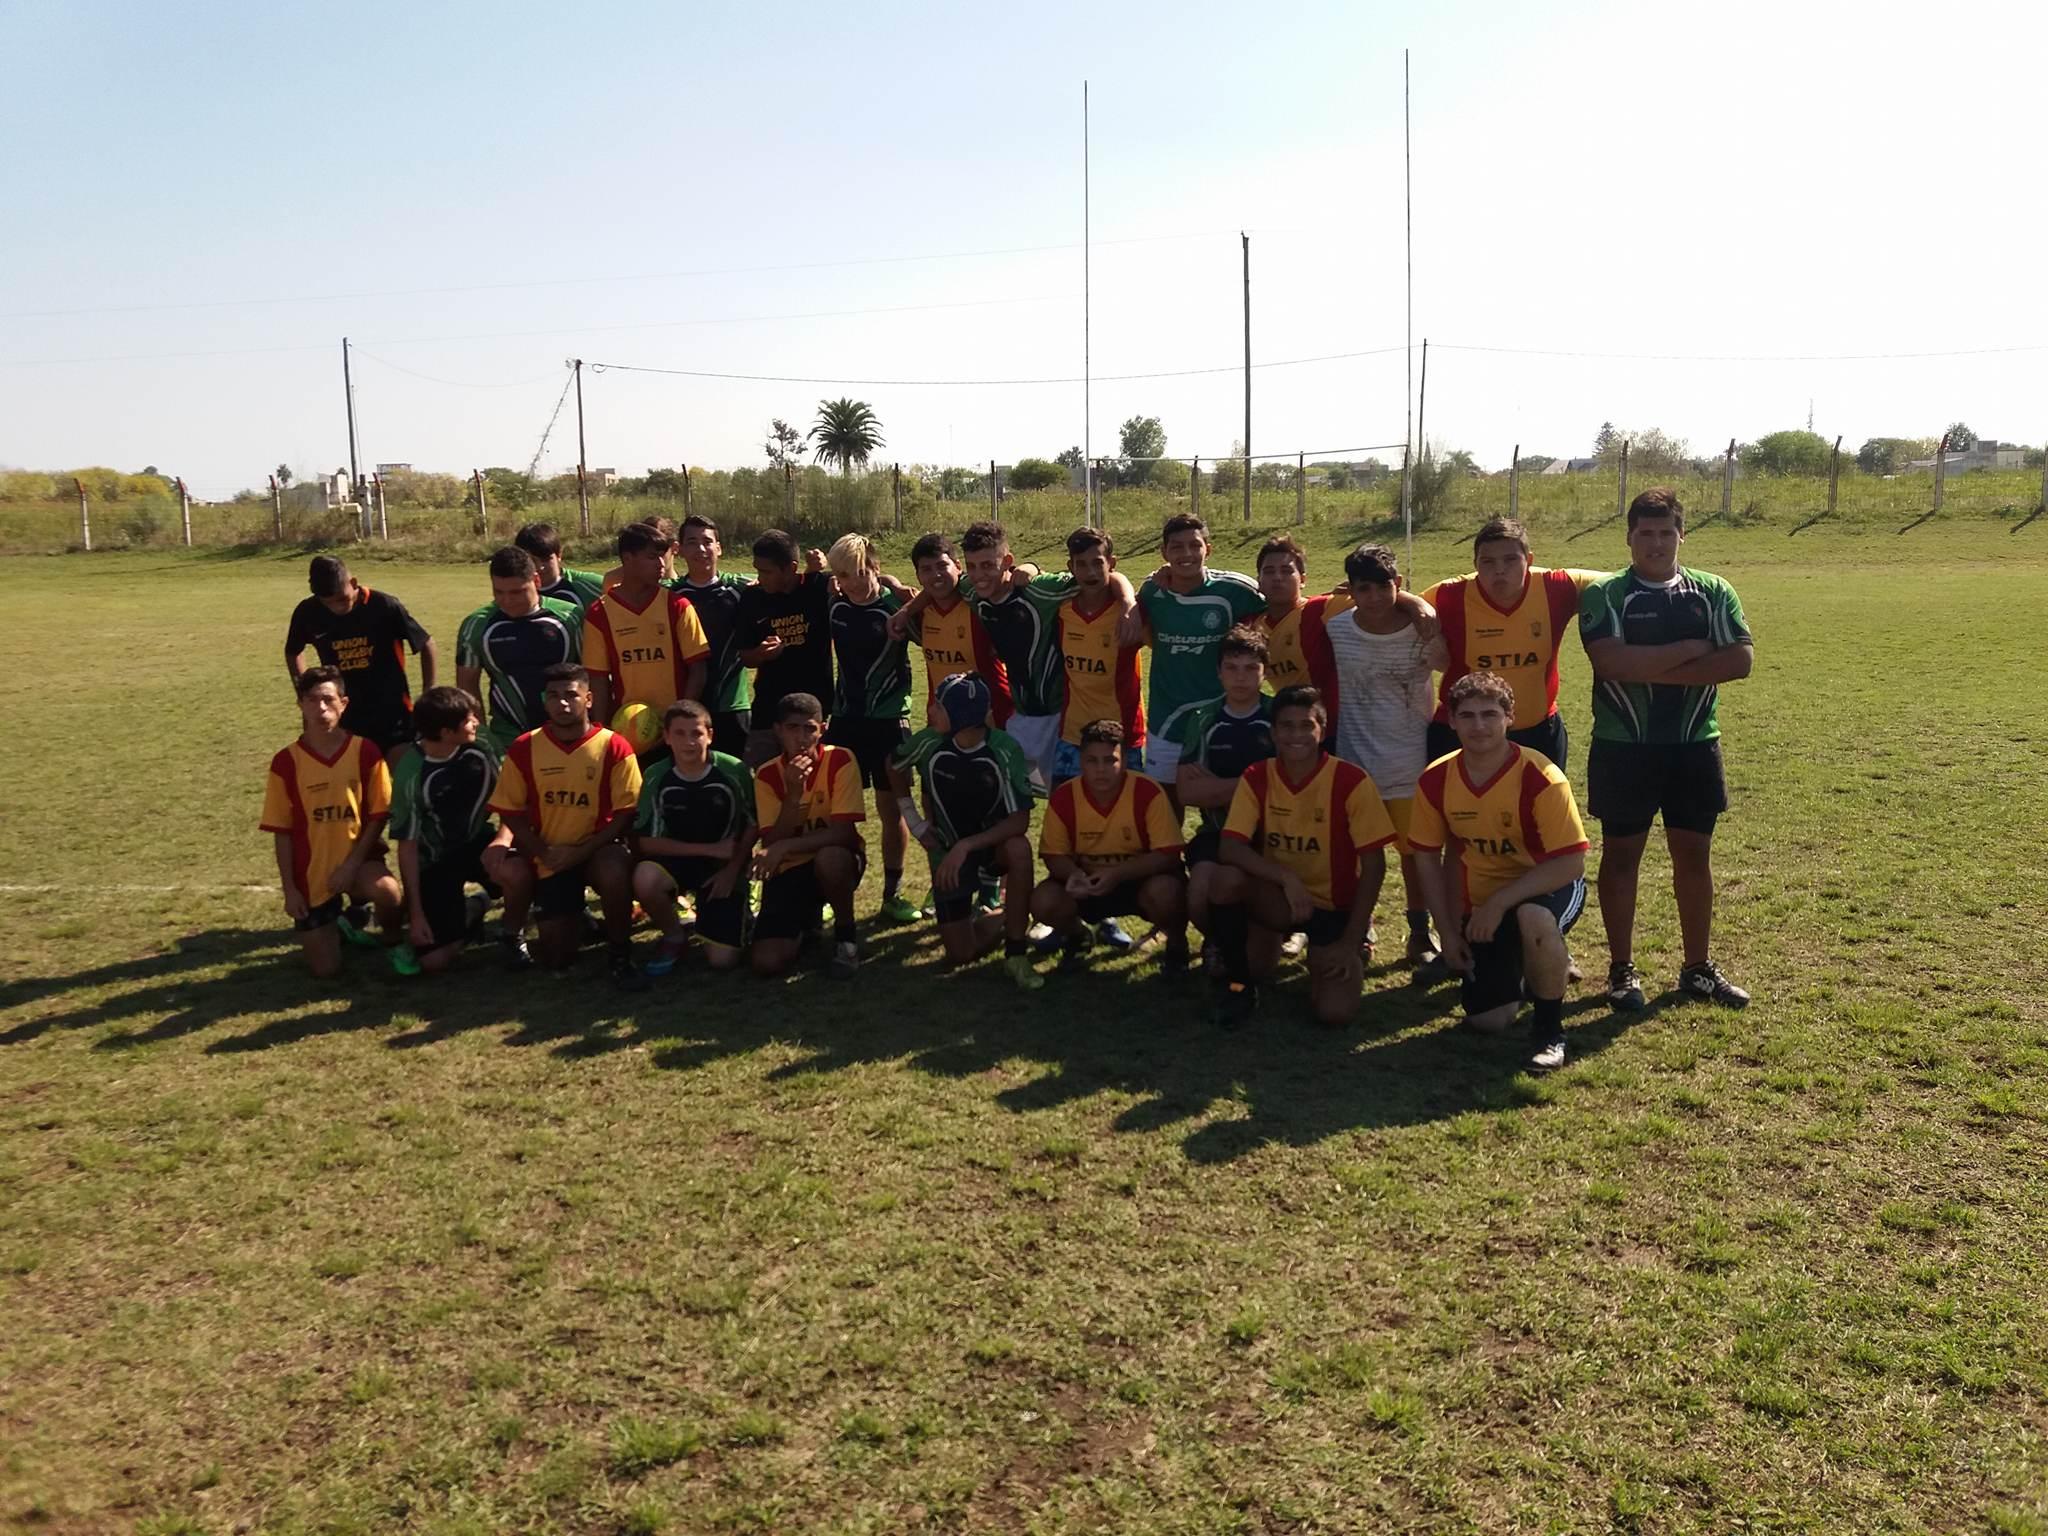 Inaugural Entre Rios Nines kicks off Saturday